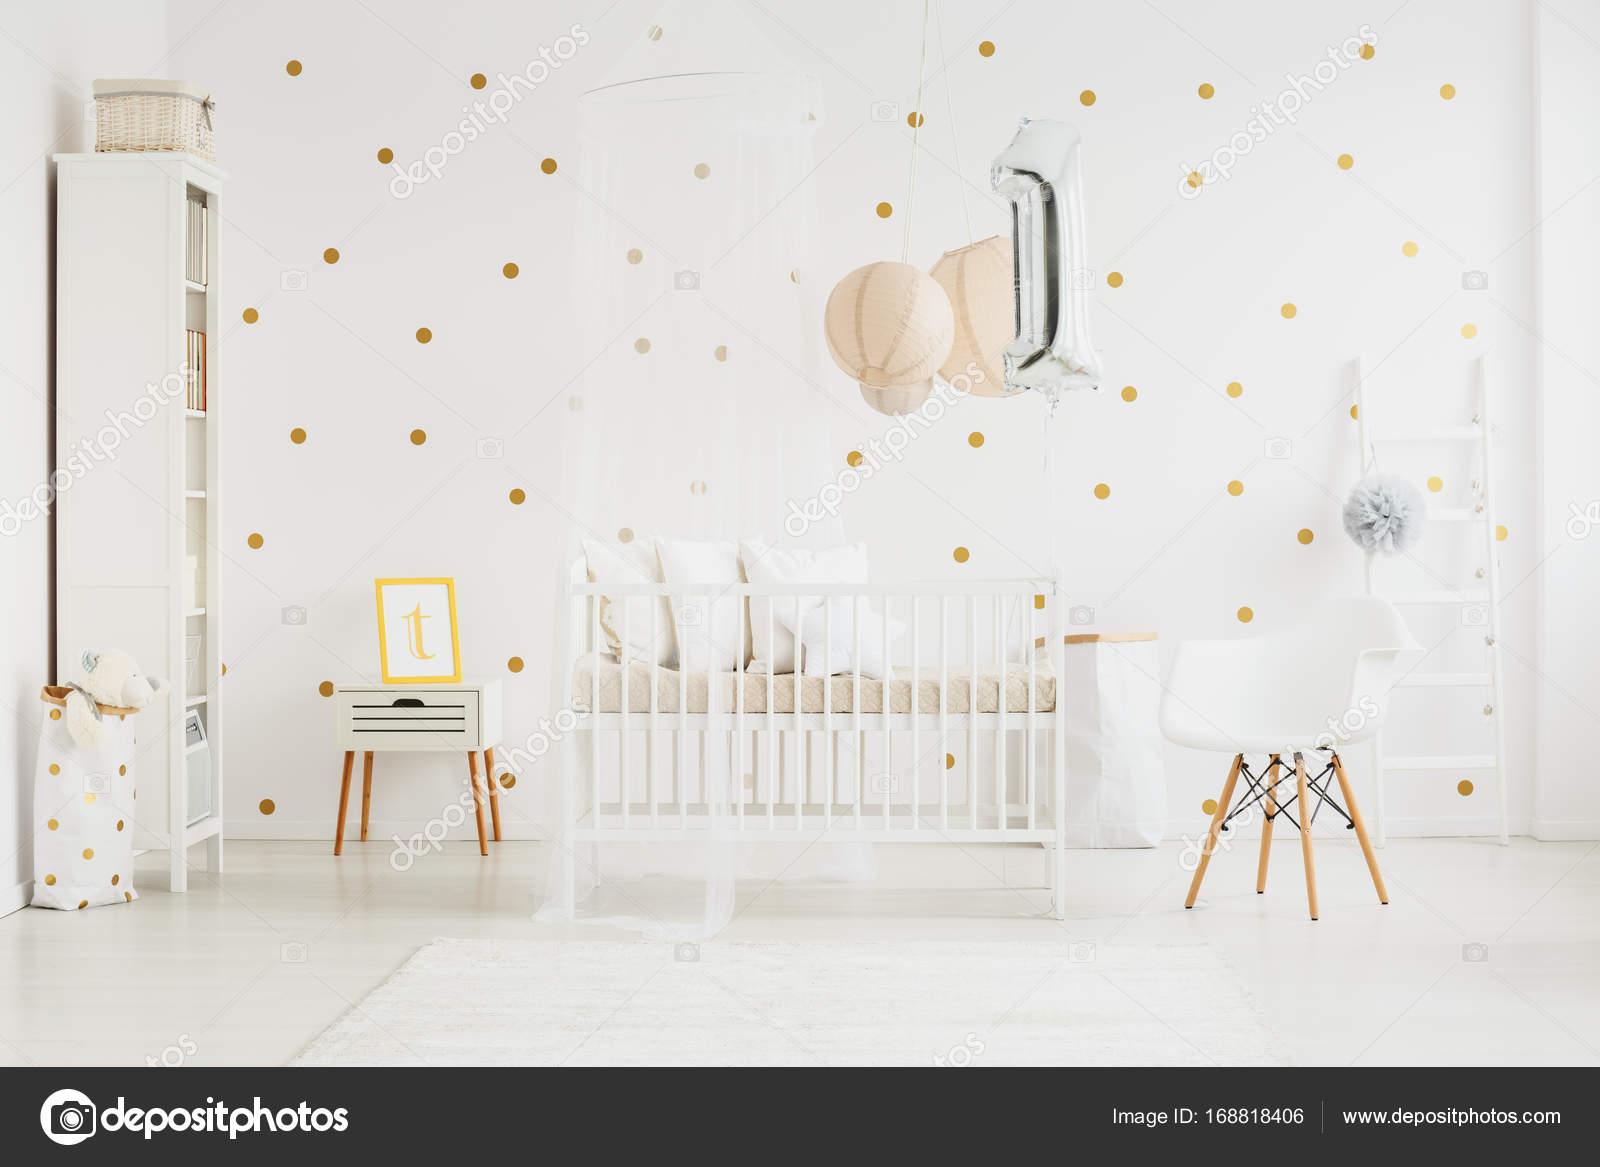 babys slaapkamer interieur met stoel stockfoto